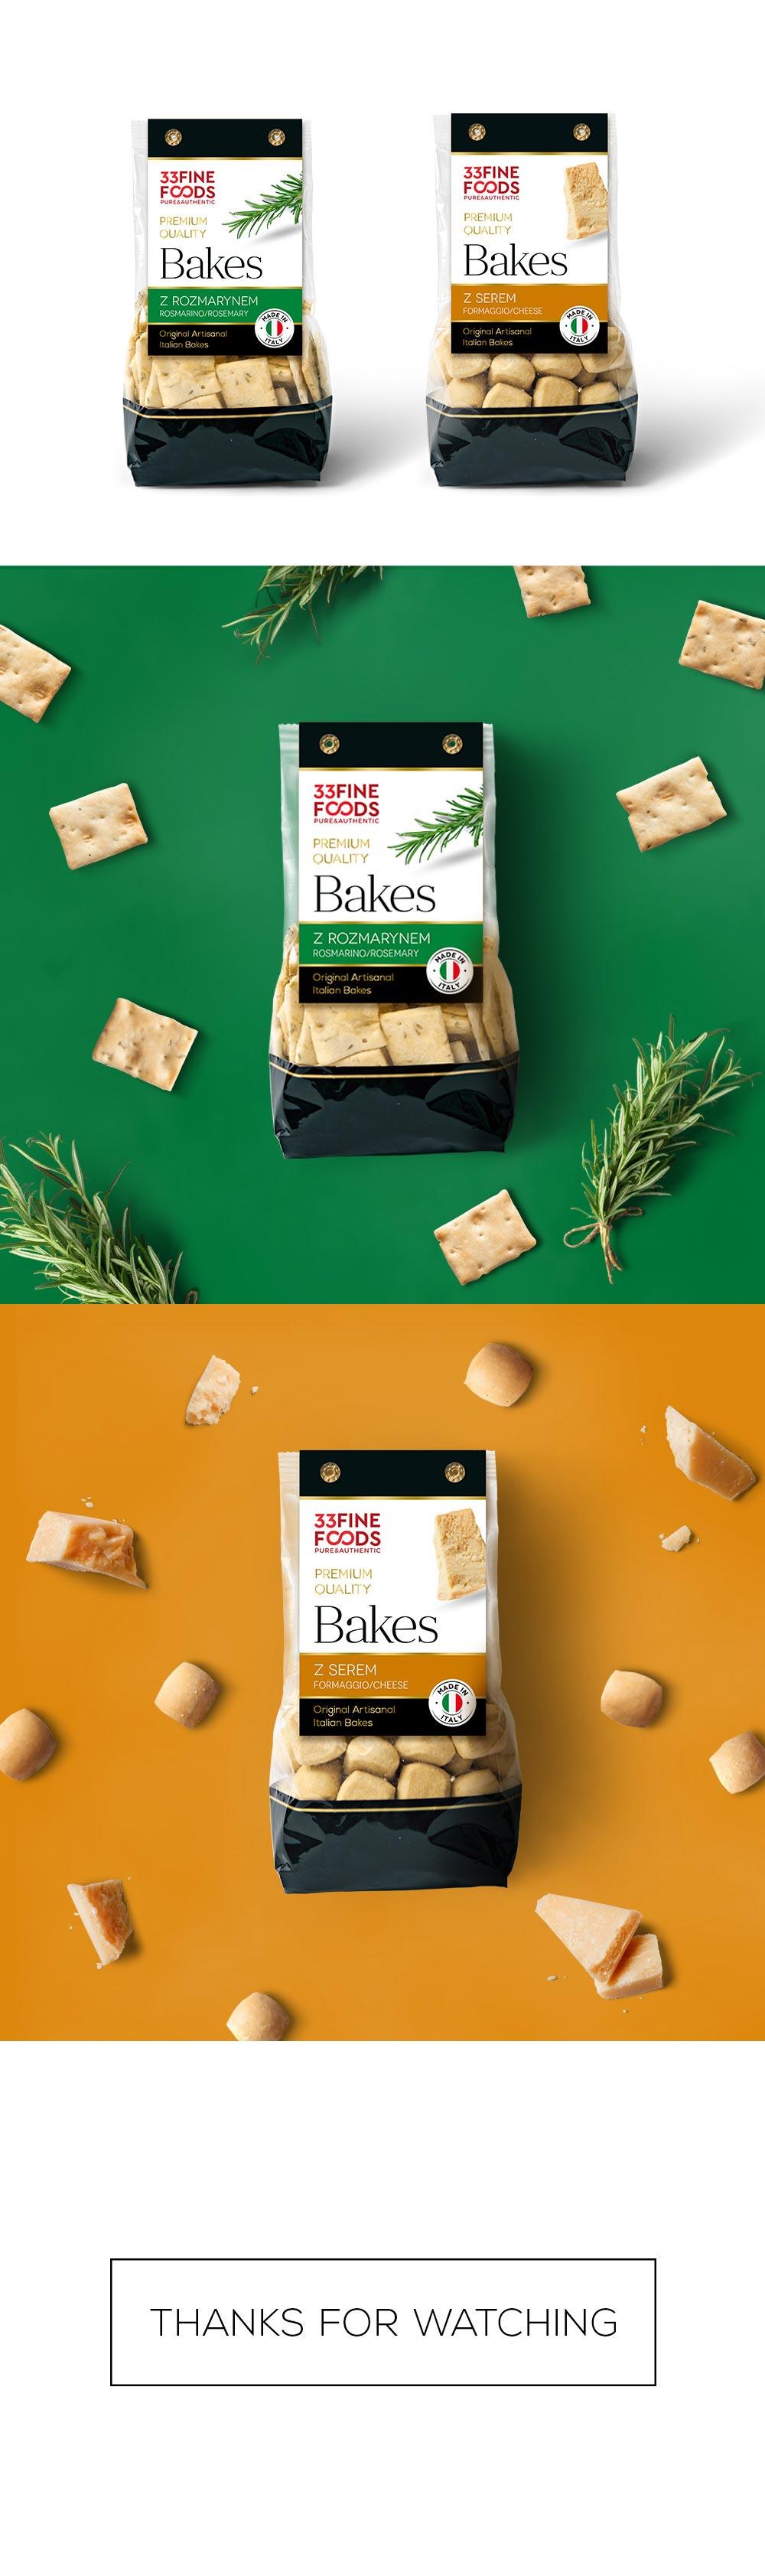 33FINE_FOOD_bakes